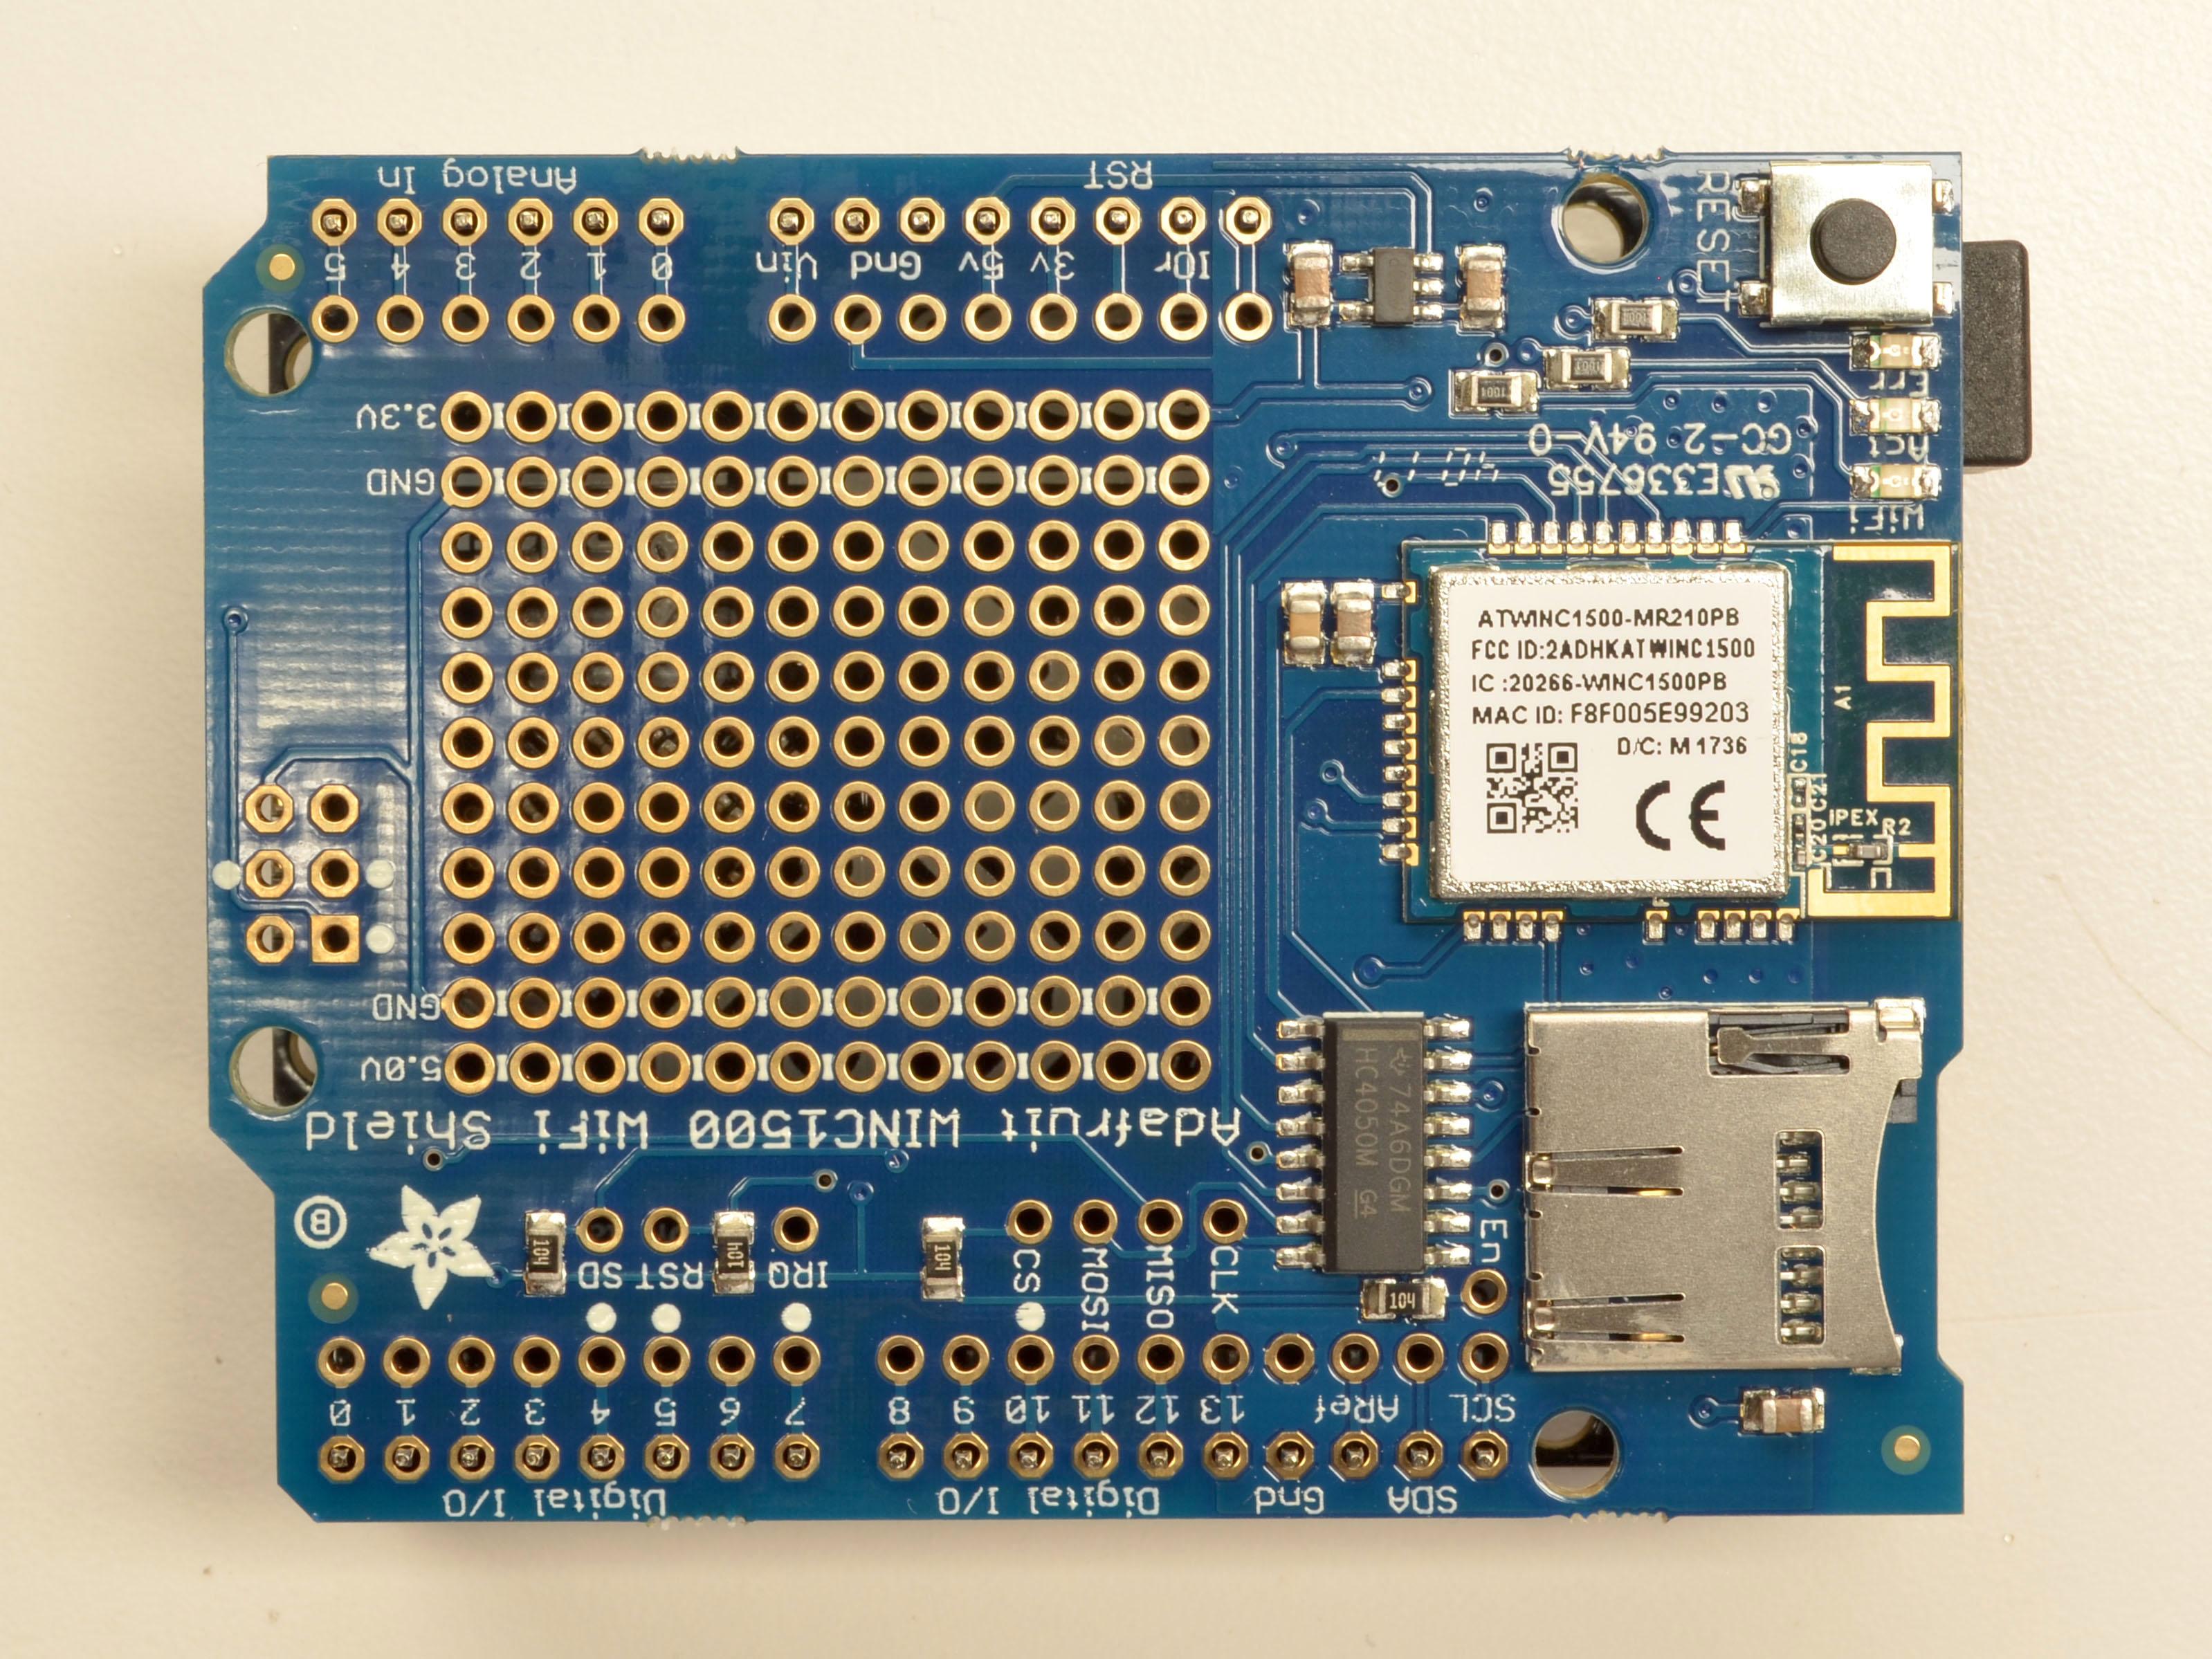 adafruit_products_DSC_3830.jpg